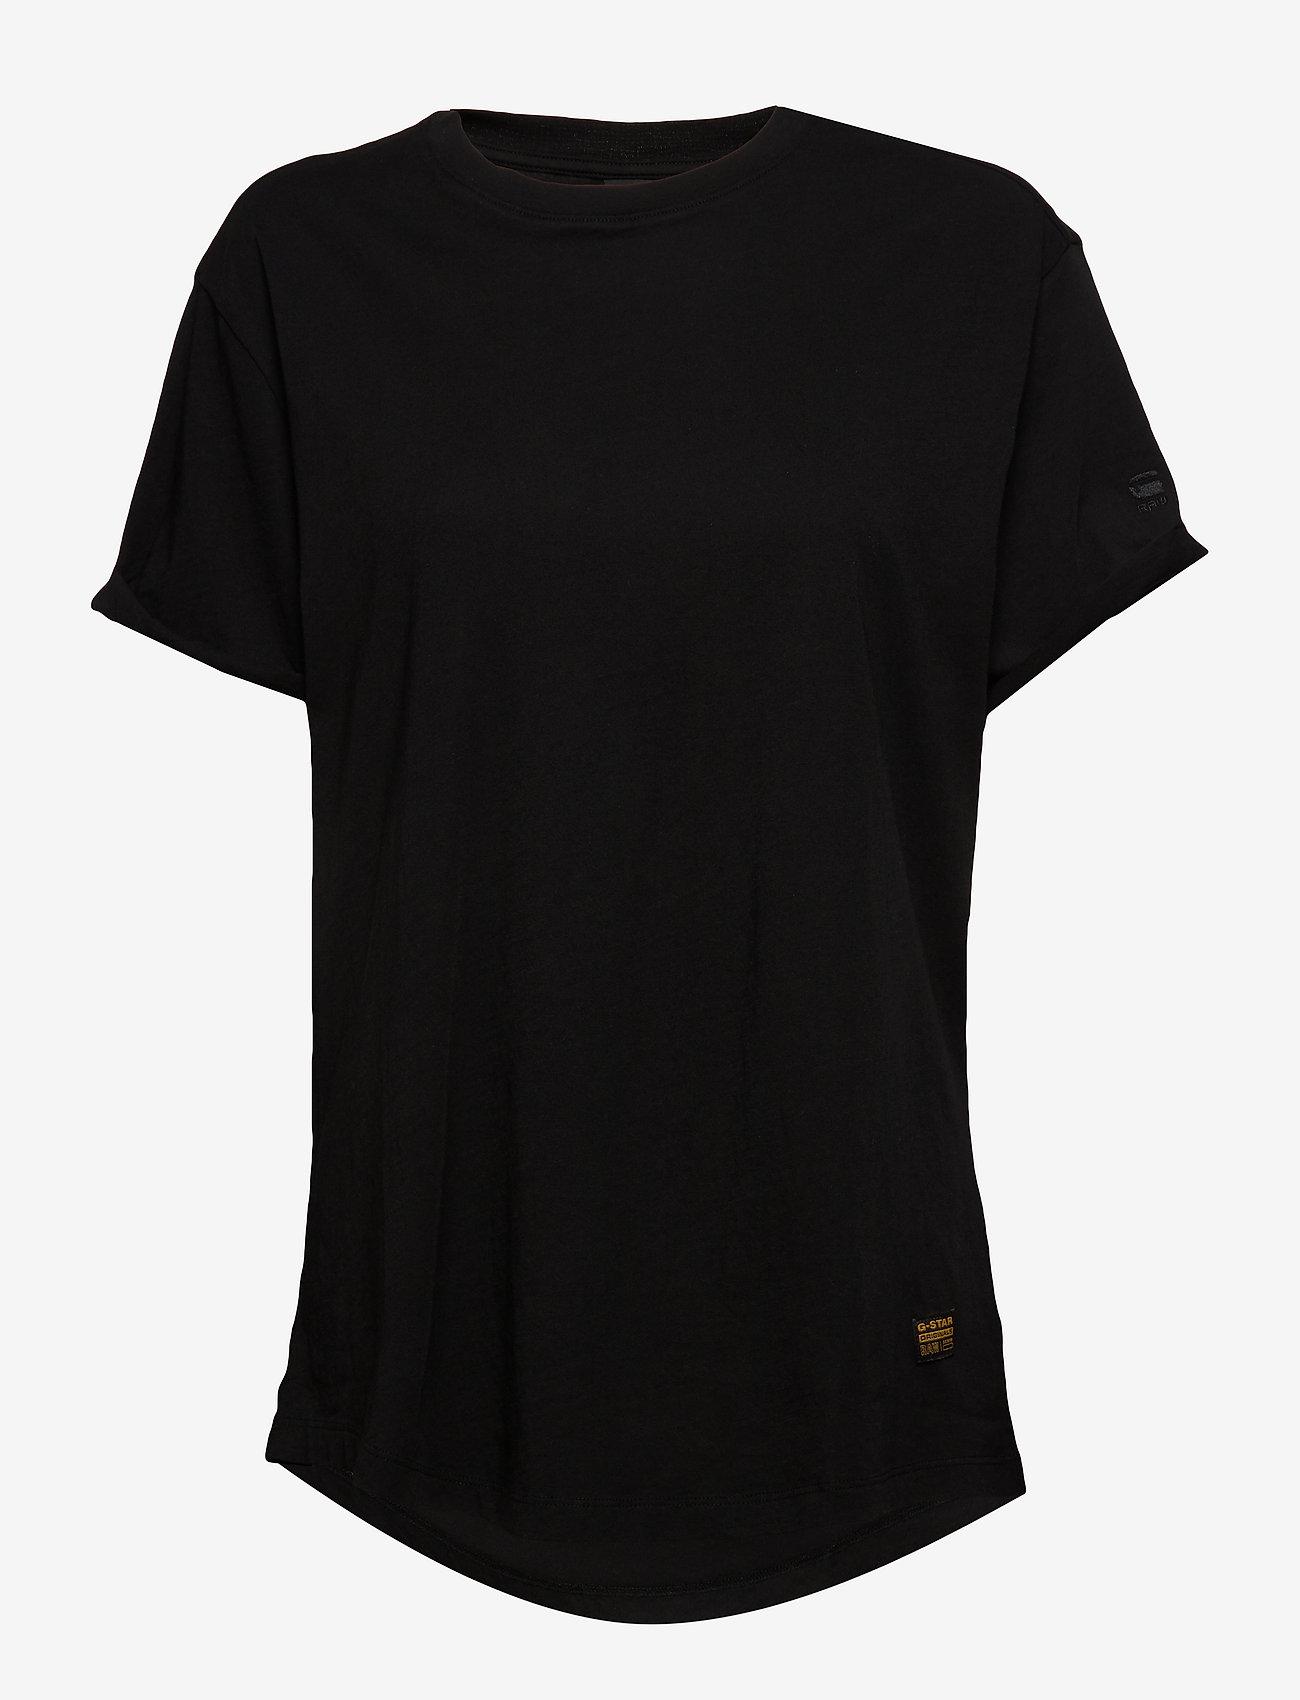 G-star RAW - Lash fem loose r t wmn s\s - t-shirts - dk black - 0